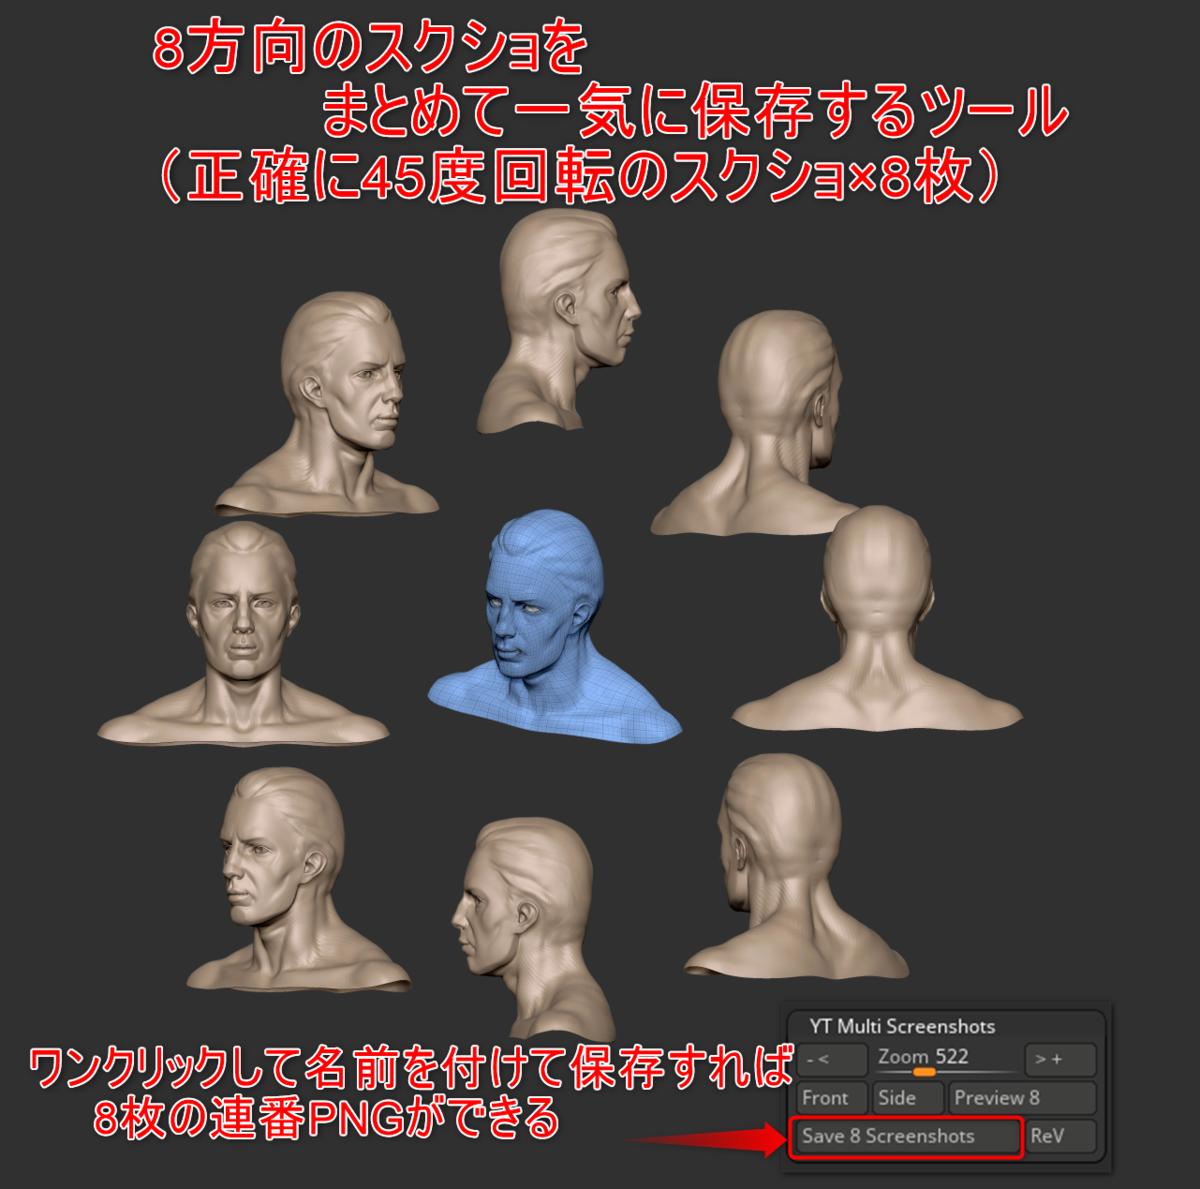 f:id:yamato-tsukasa:20190624224339p:plain